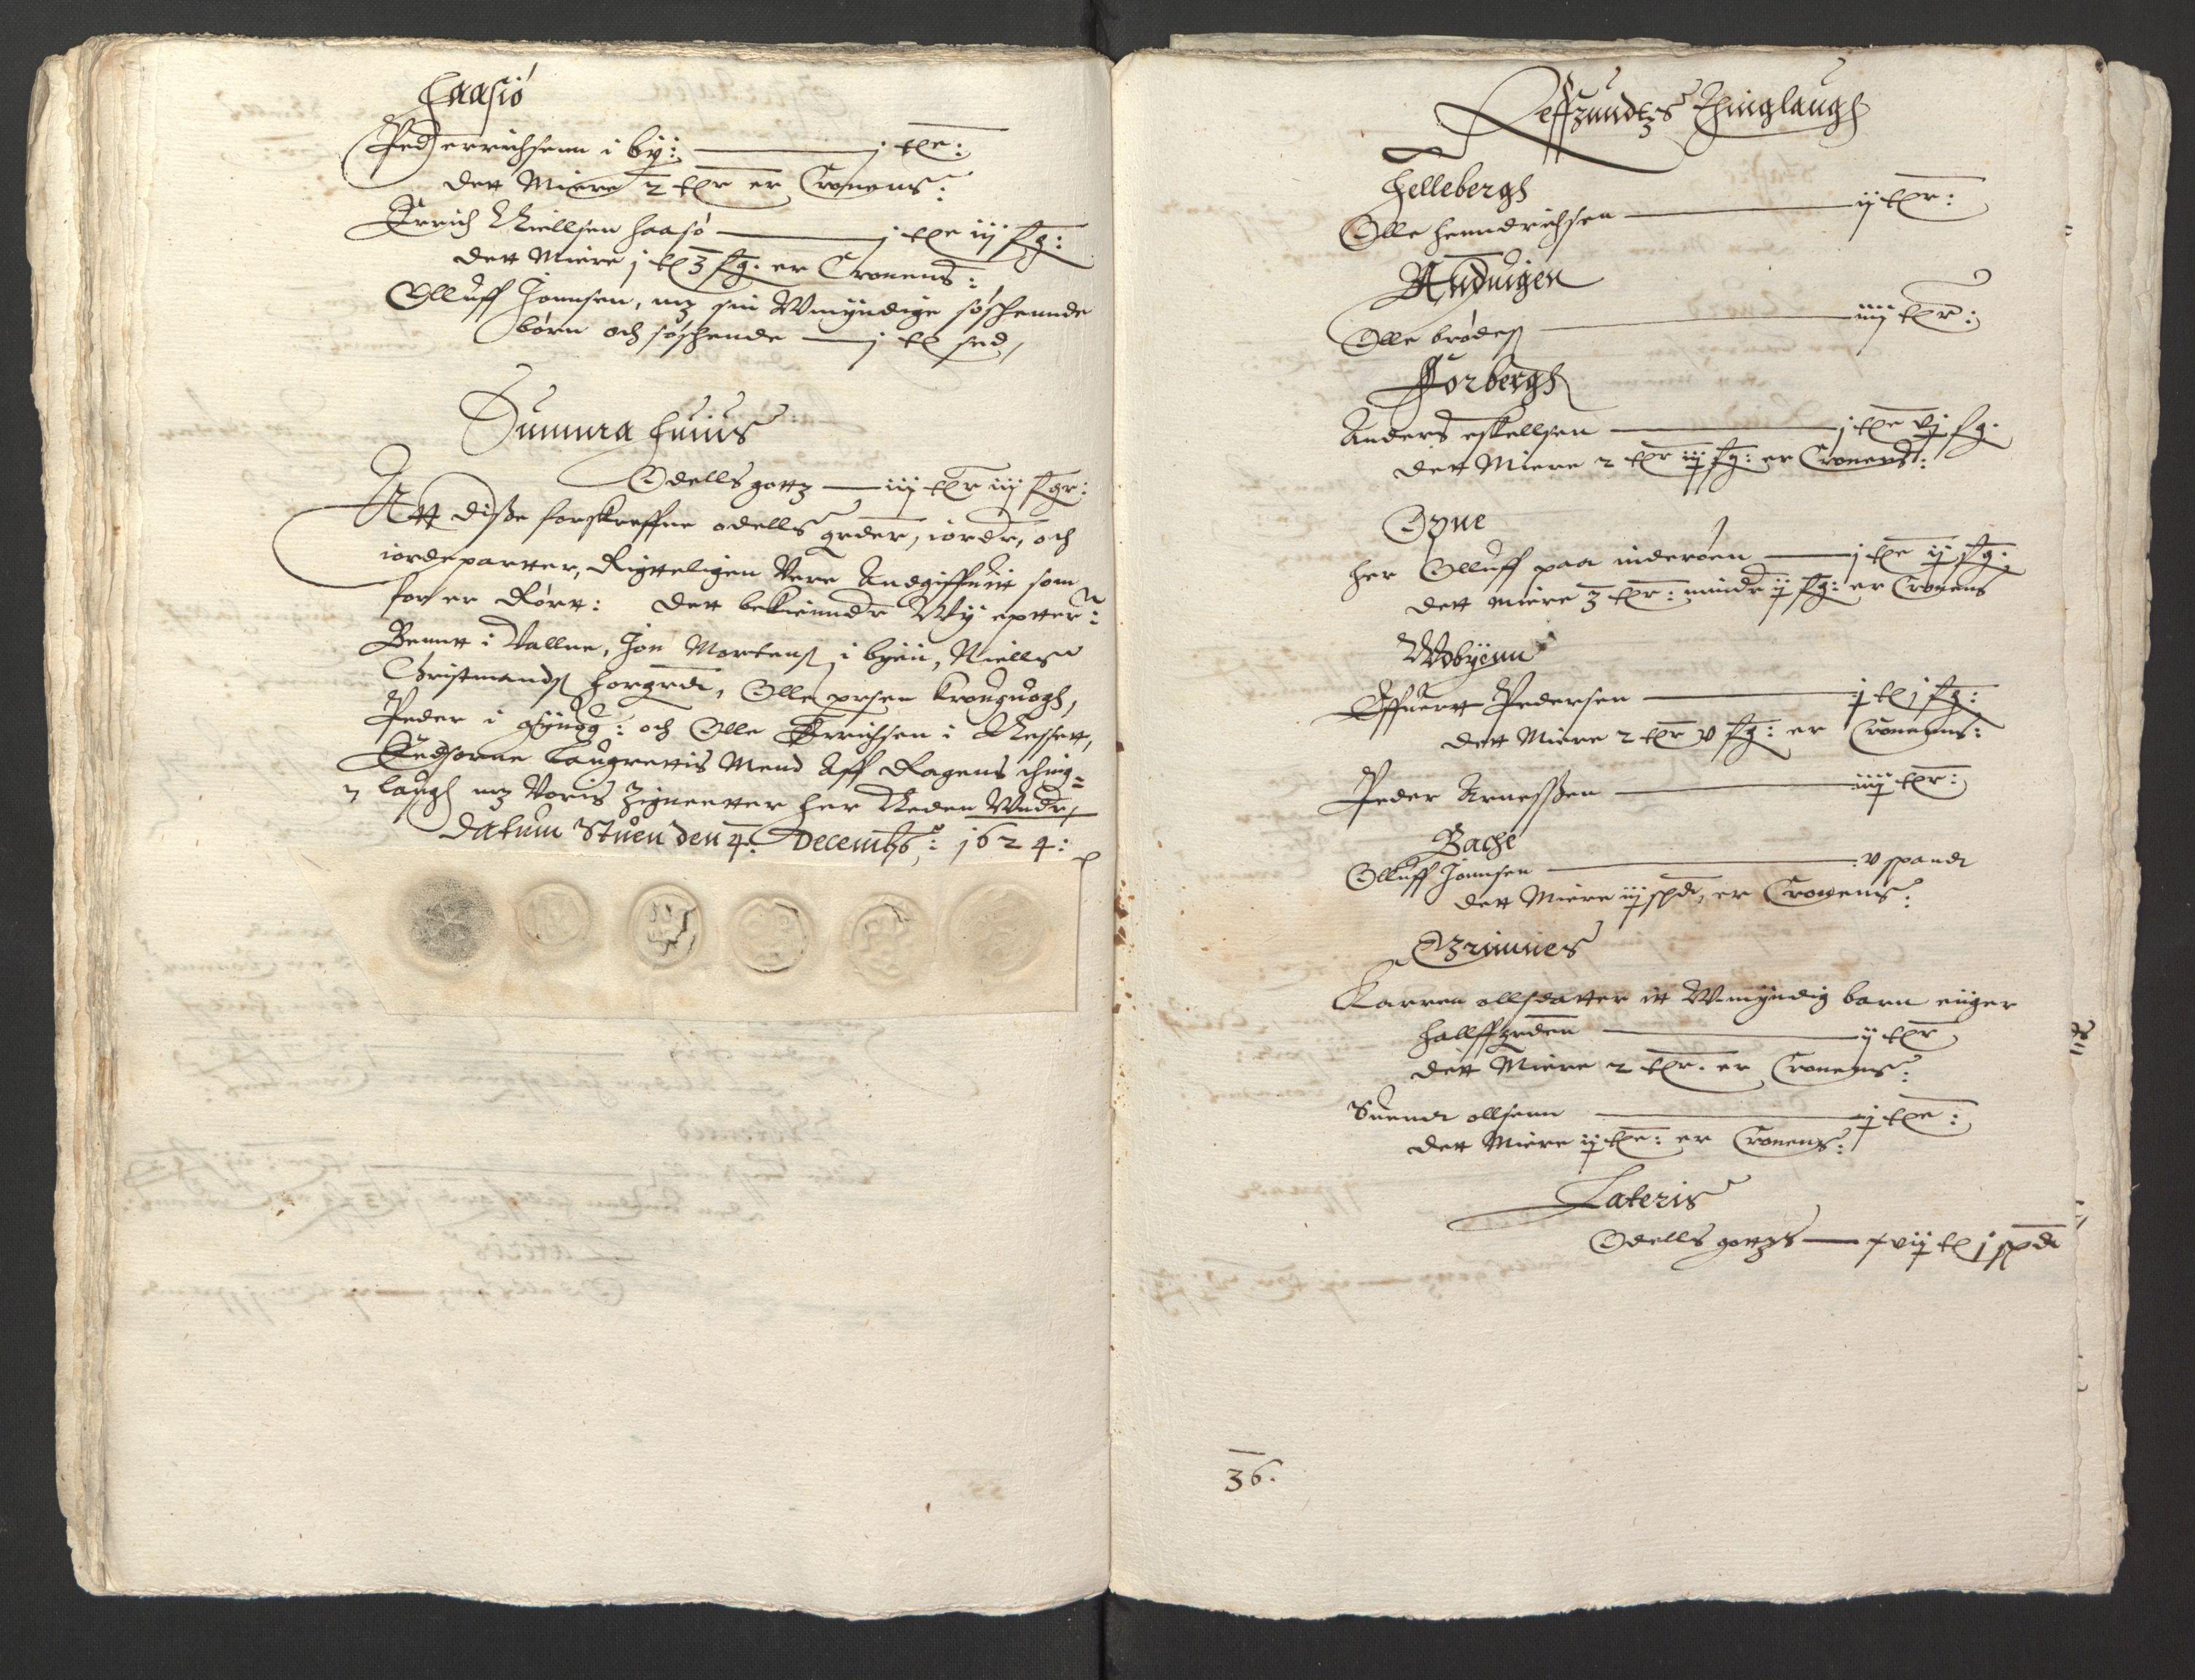 RA, Stattholderembetet 1572-1771, Ek/L0013: Jordebøker til utlikning av rosstjeneste 1624-1626:, 1624-1625, s. 131